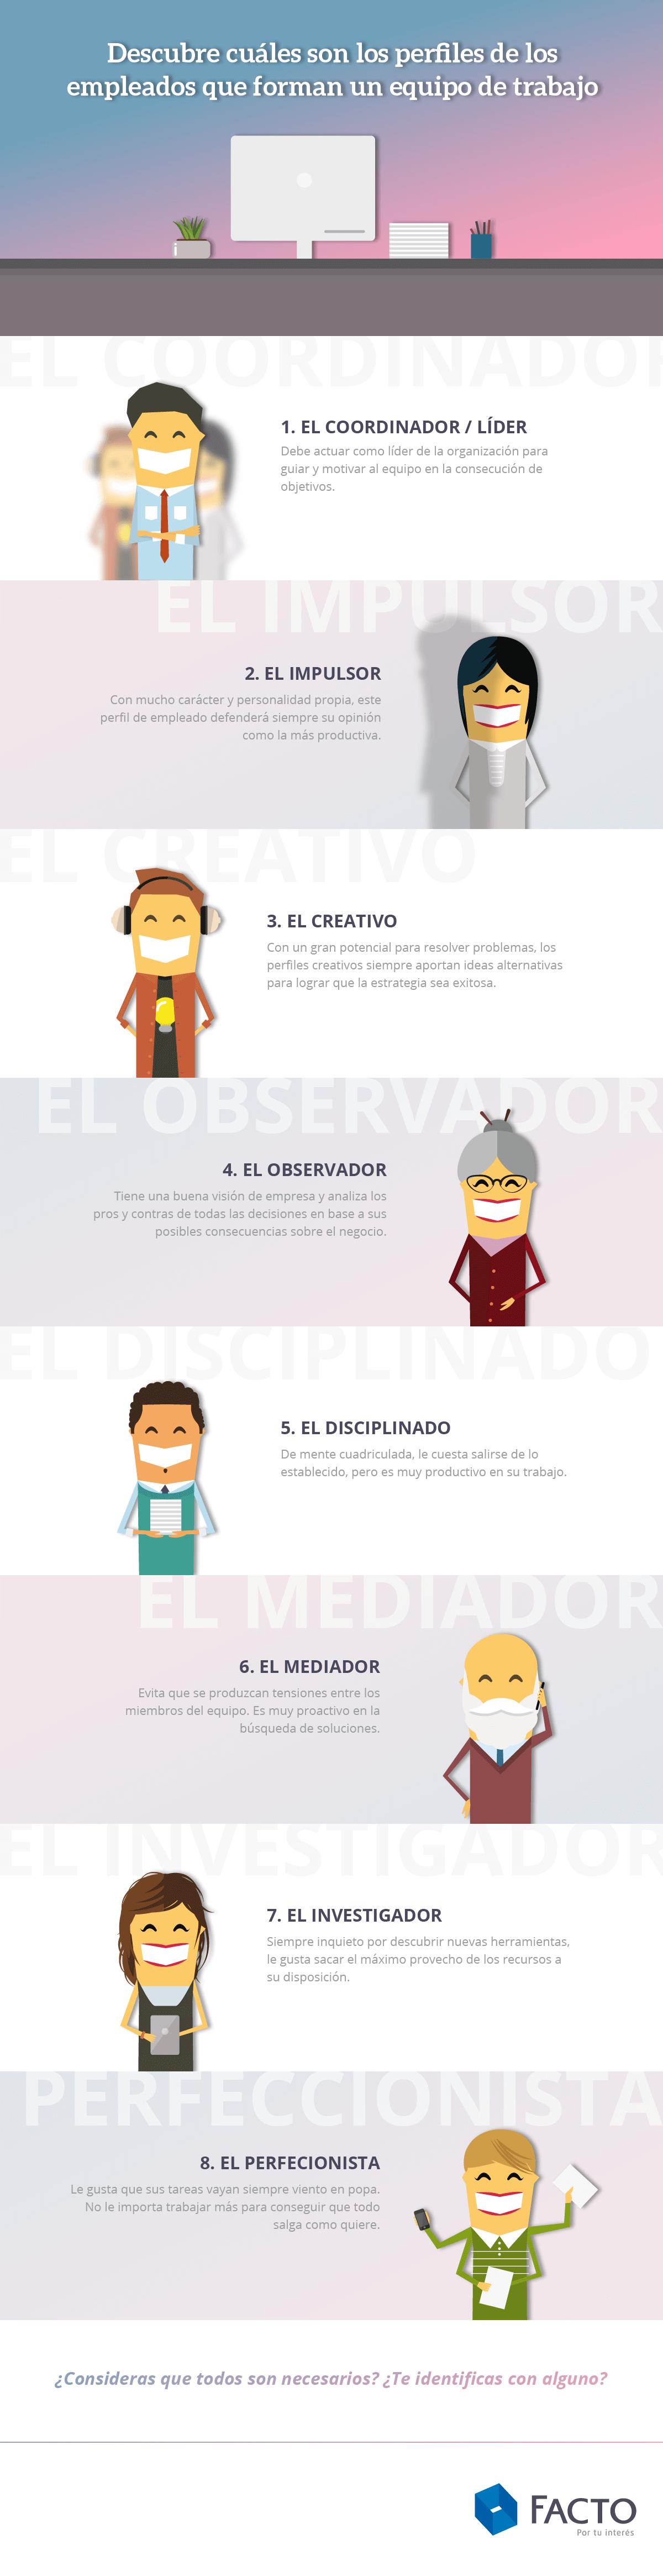 ilustraciones perfiles empleados empresa